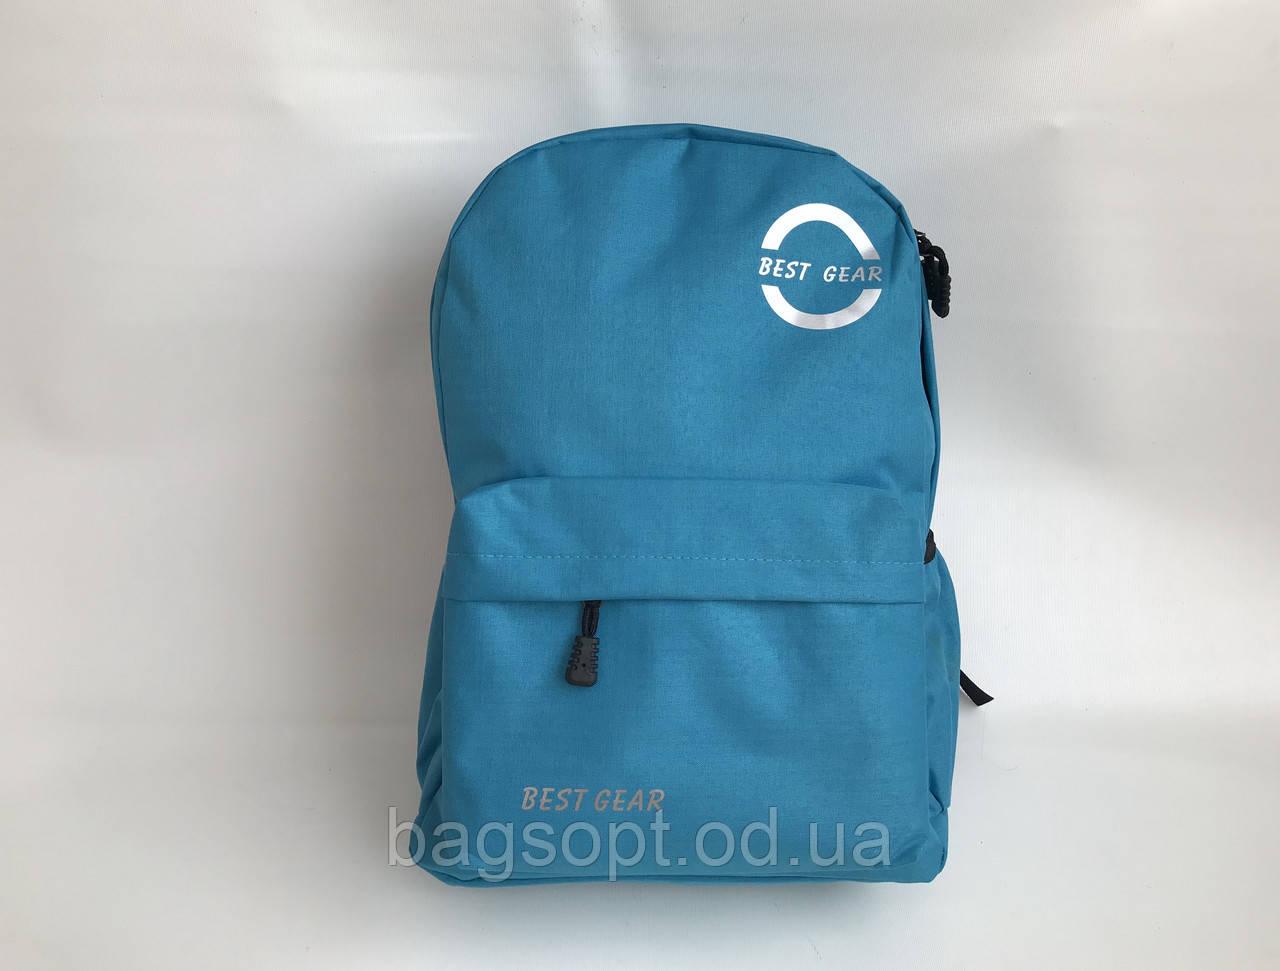 Текстильный рюкзак спортивный универсальный с карманом для ноутбука 15,6 Одесса 7 км